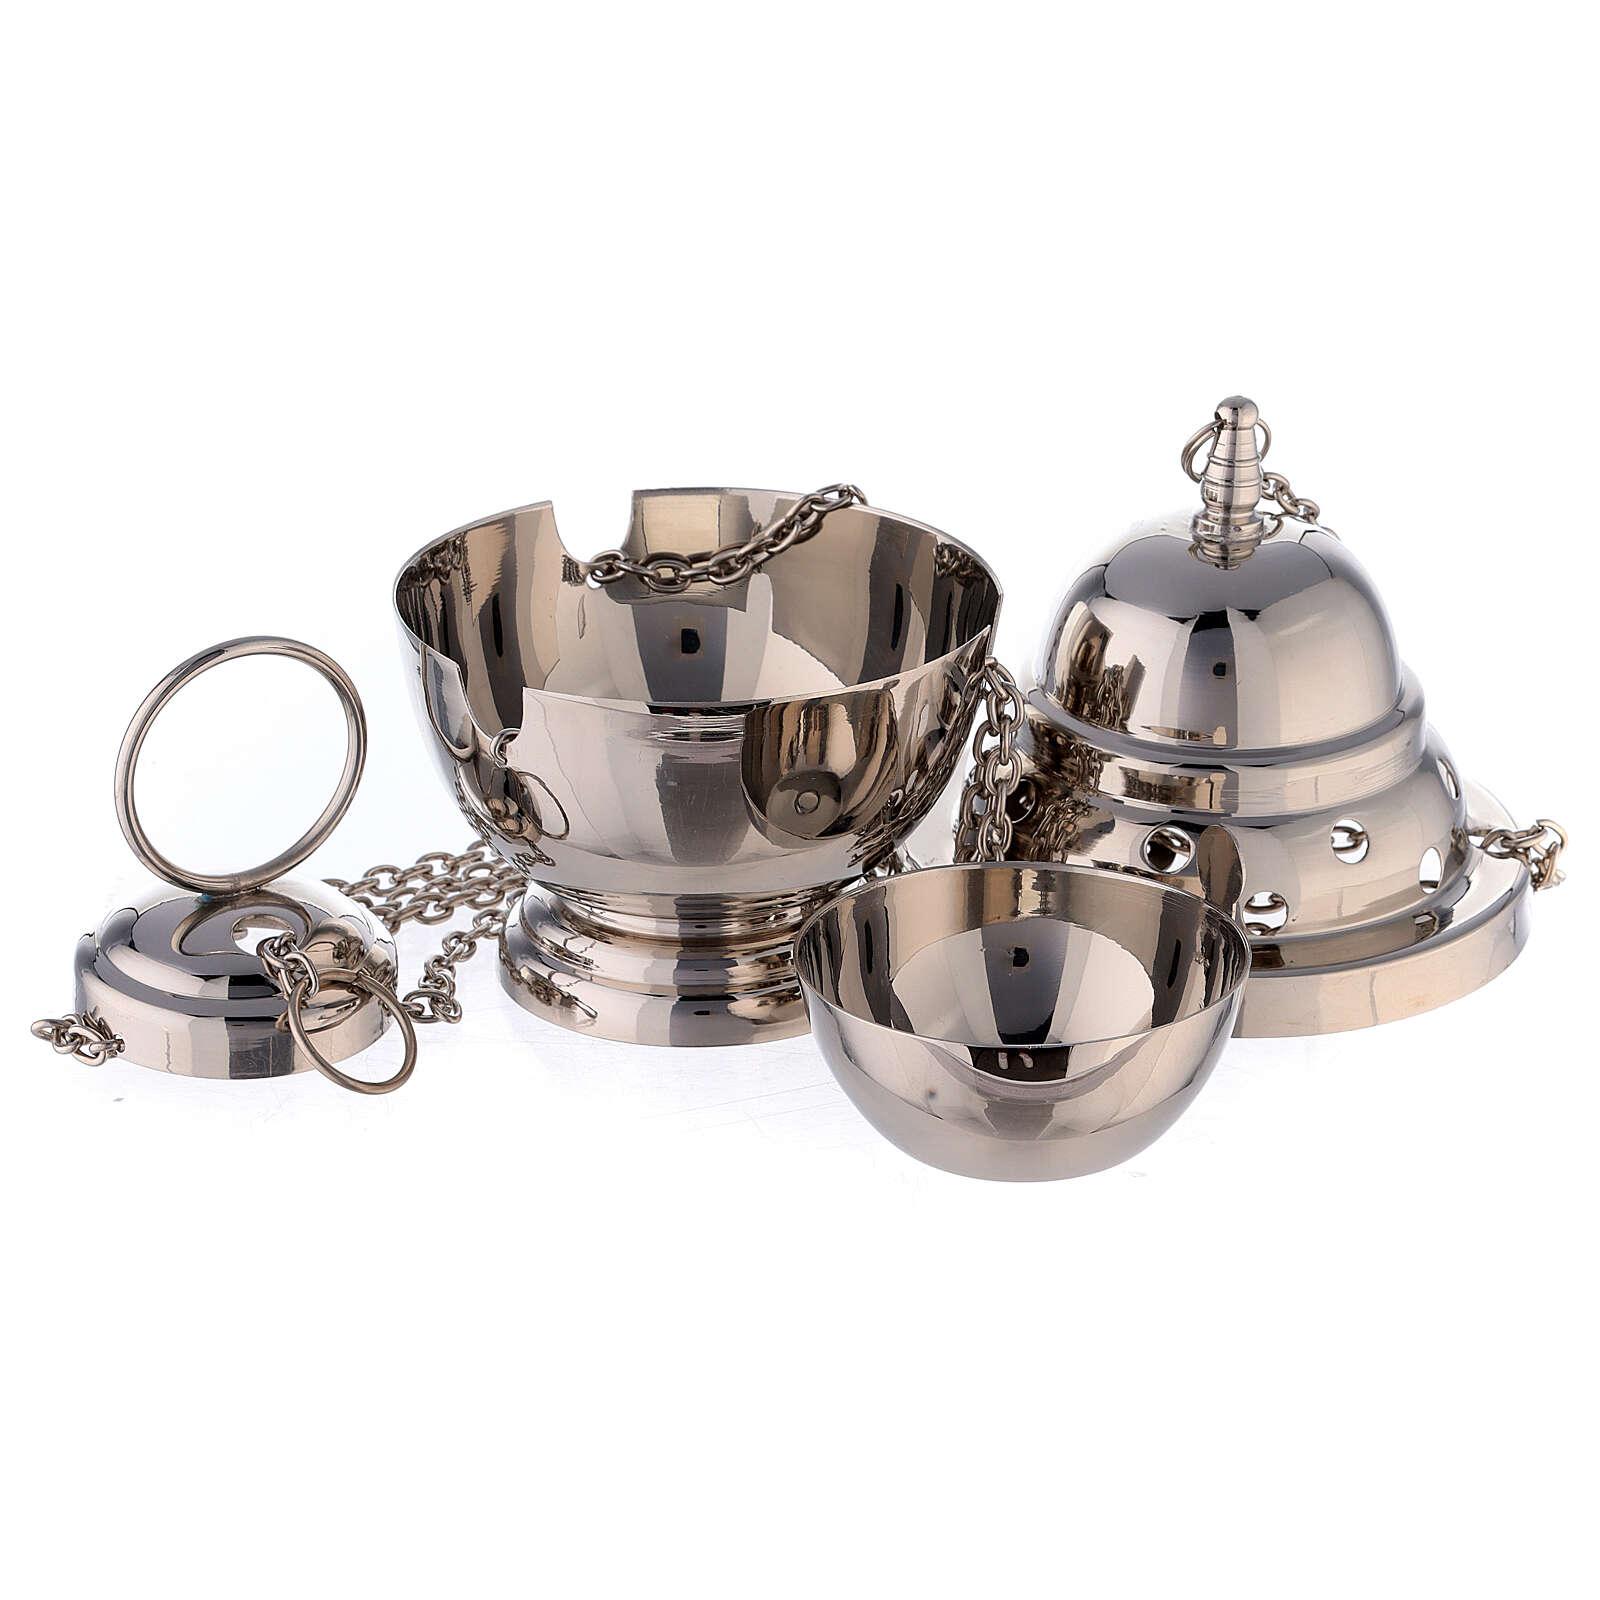 Encensoir ovale ouvertures rondes 15 cm laiton nickelé panier 3